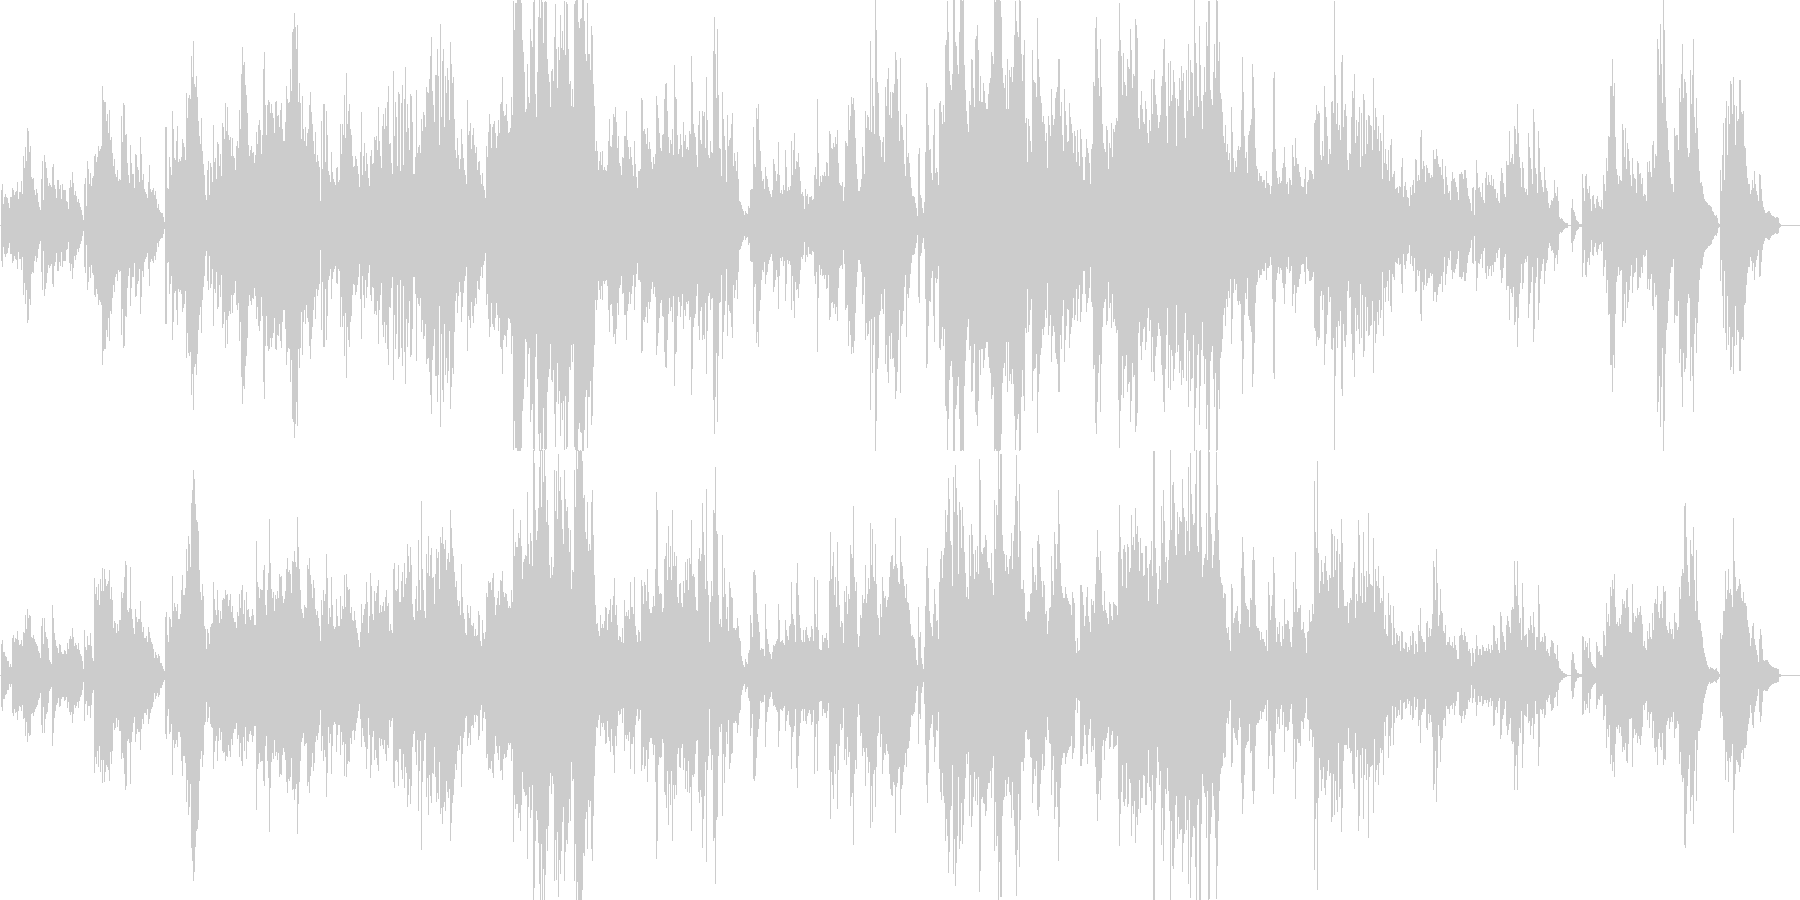 予感を感じさせるピアノバラードの未再生の波形